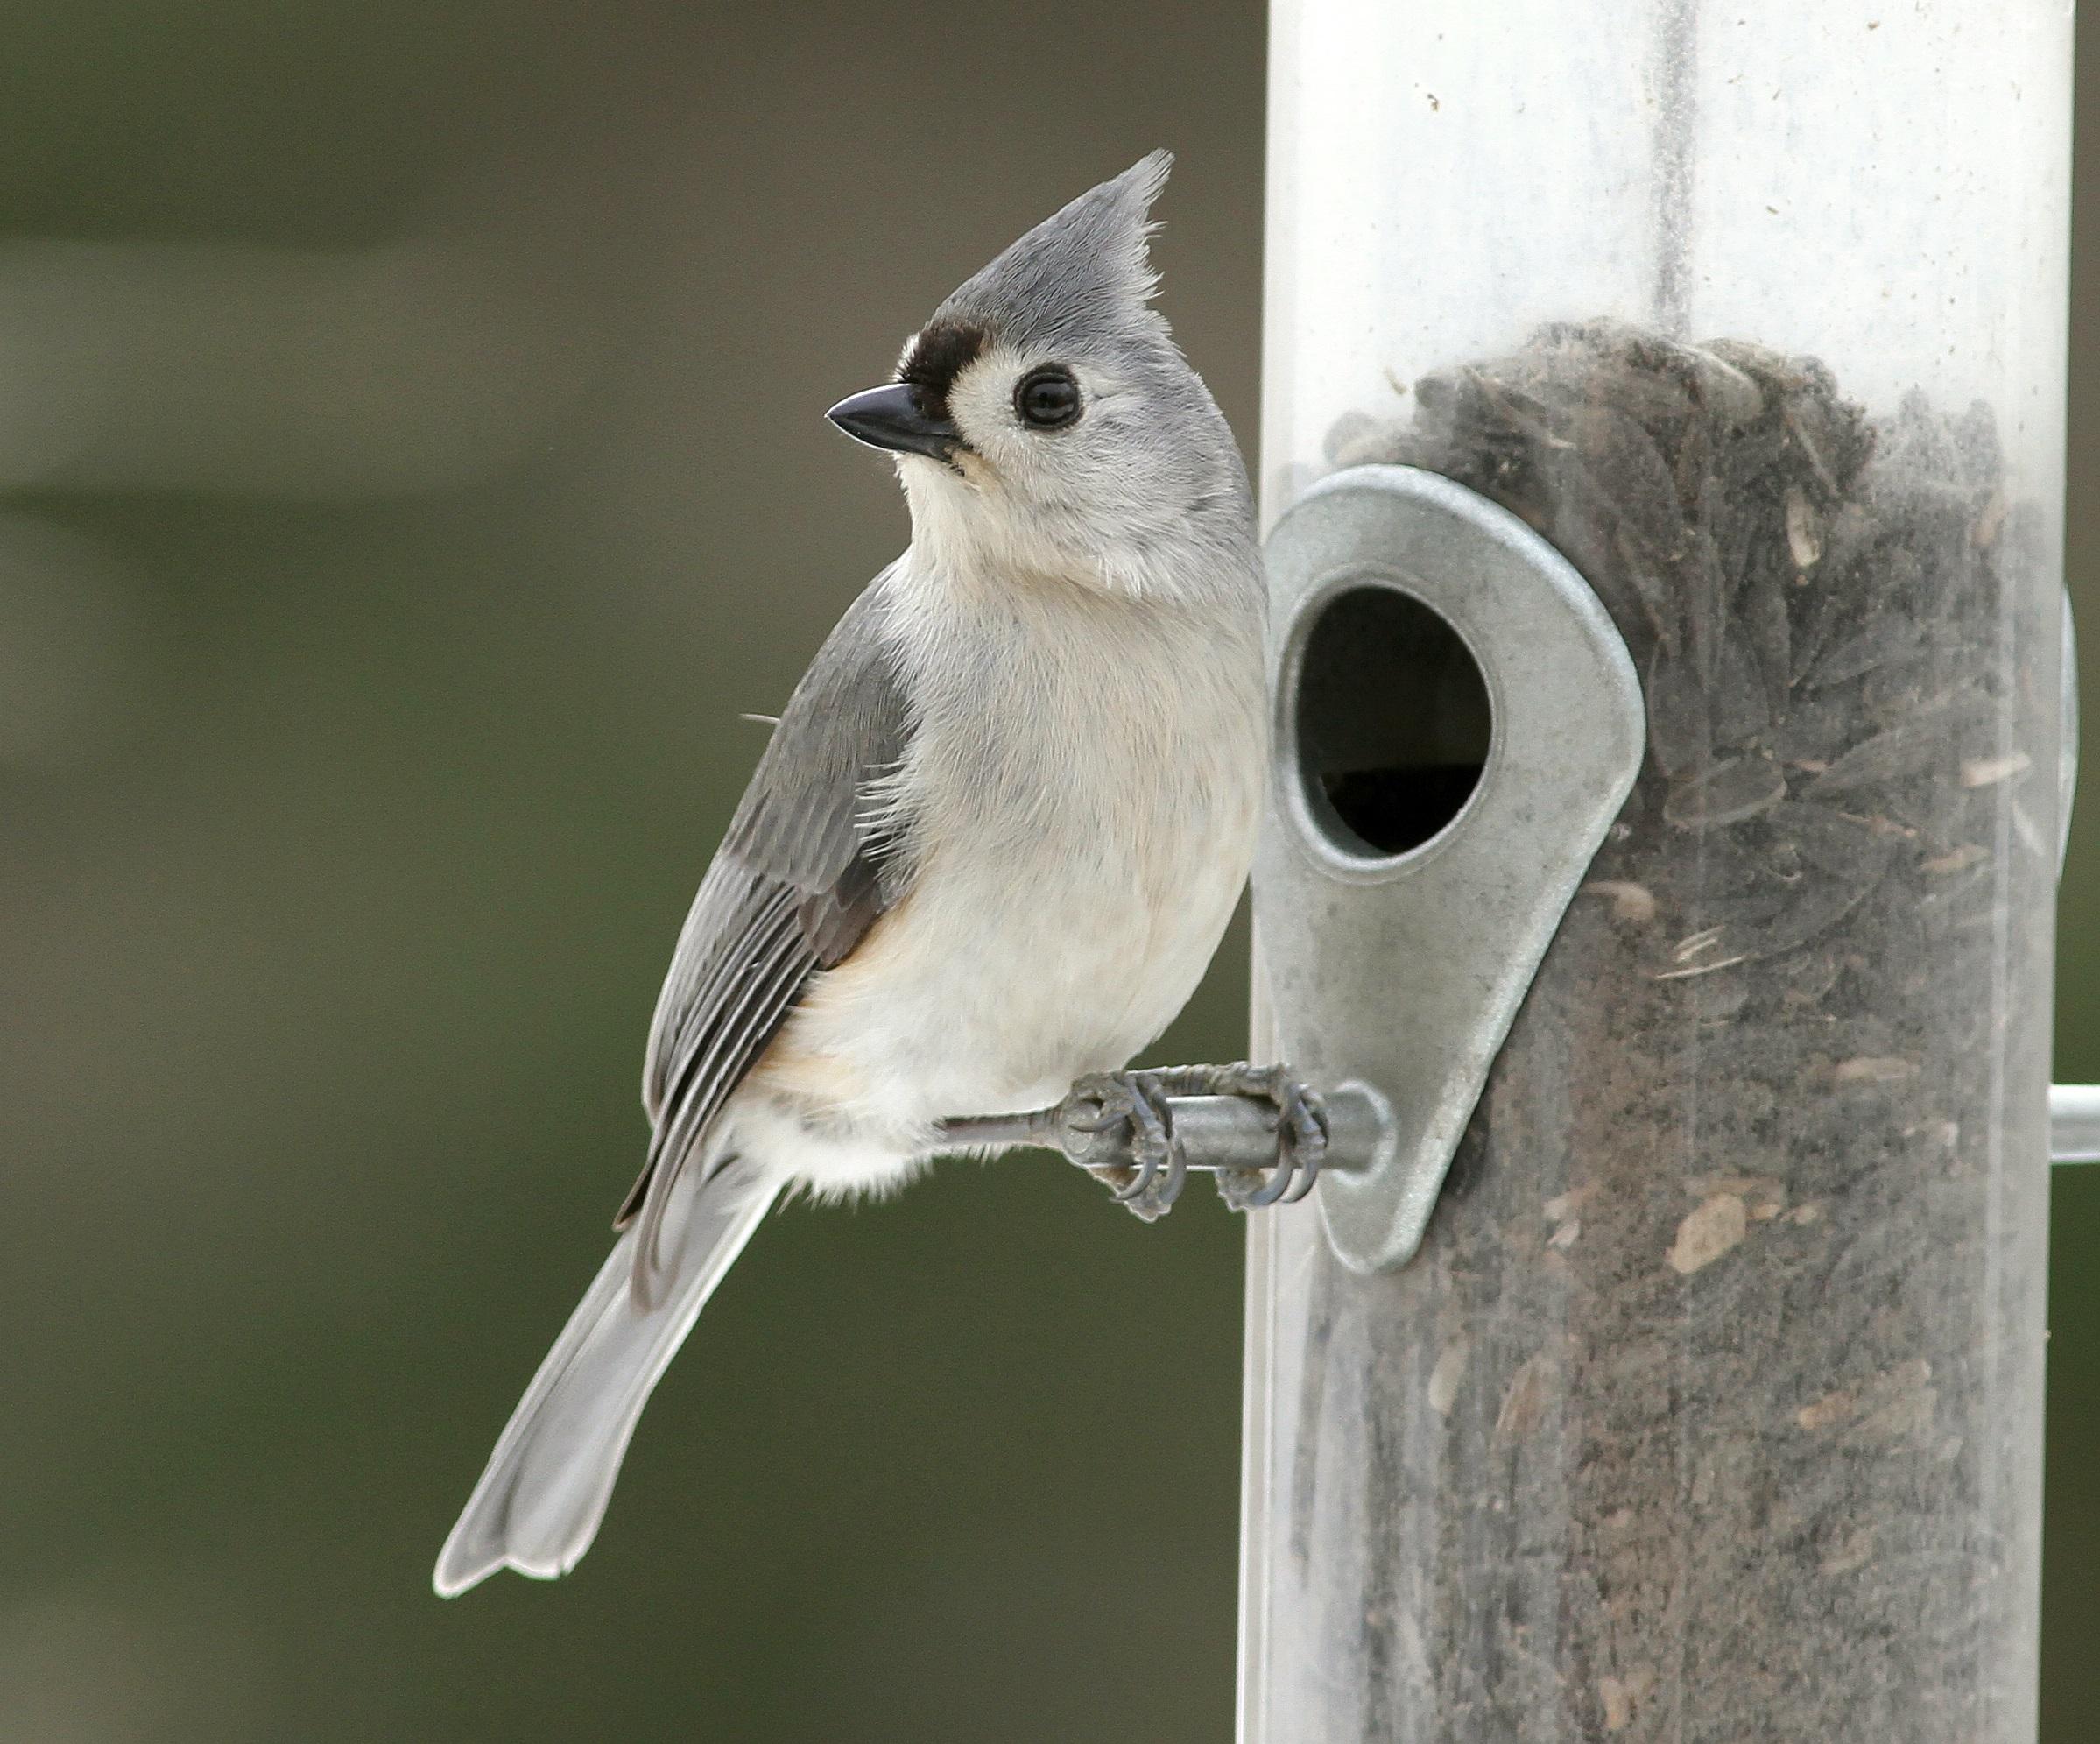 Titmouse at bird feeder